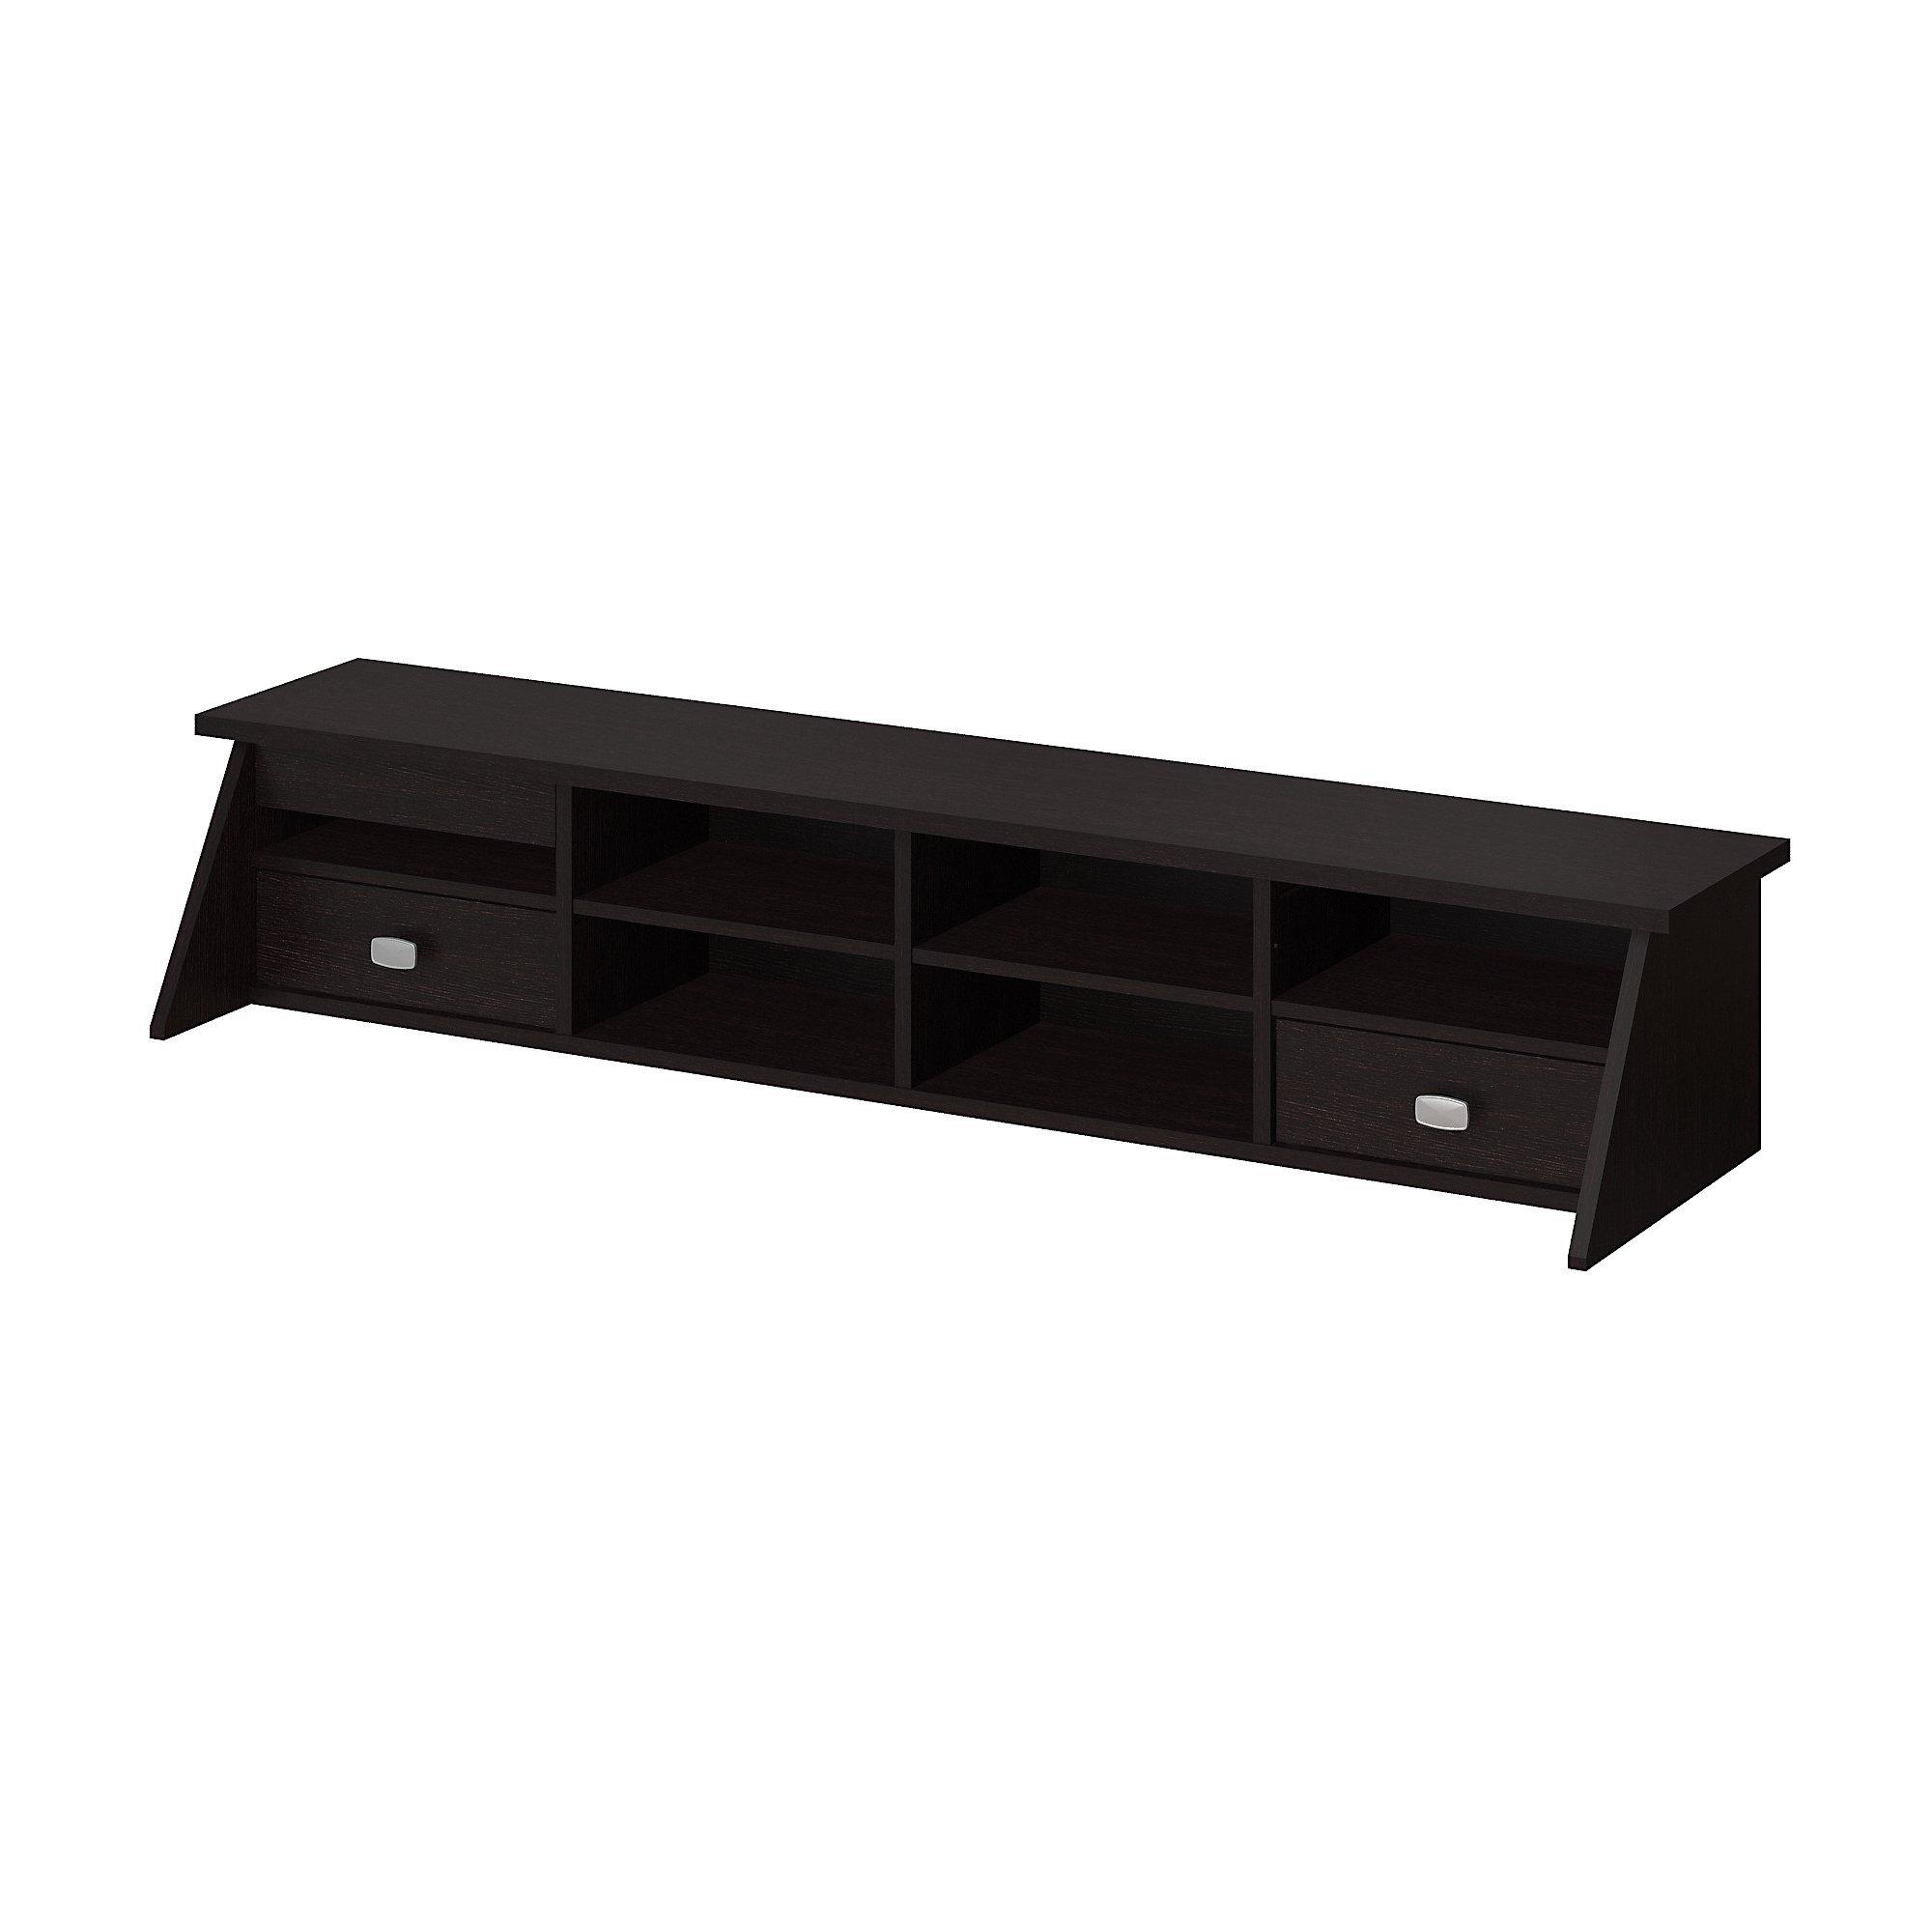 Bush Furniture Broadview Desktop Organizer in Espresso Oak